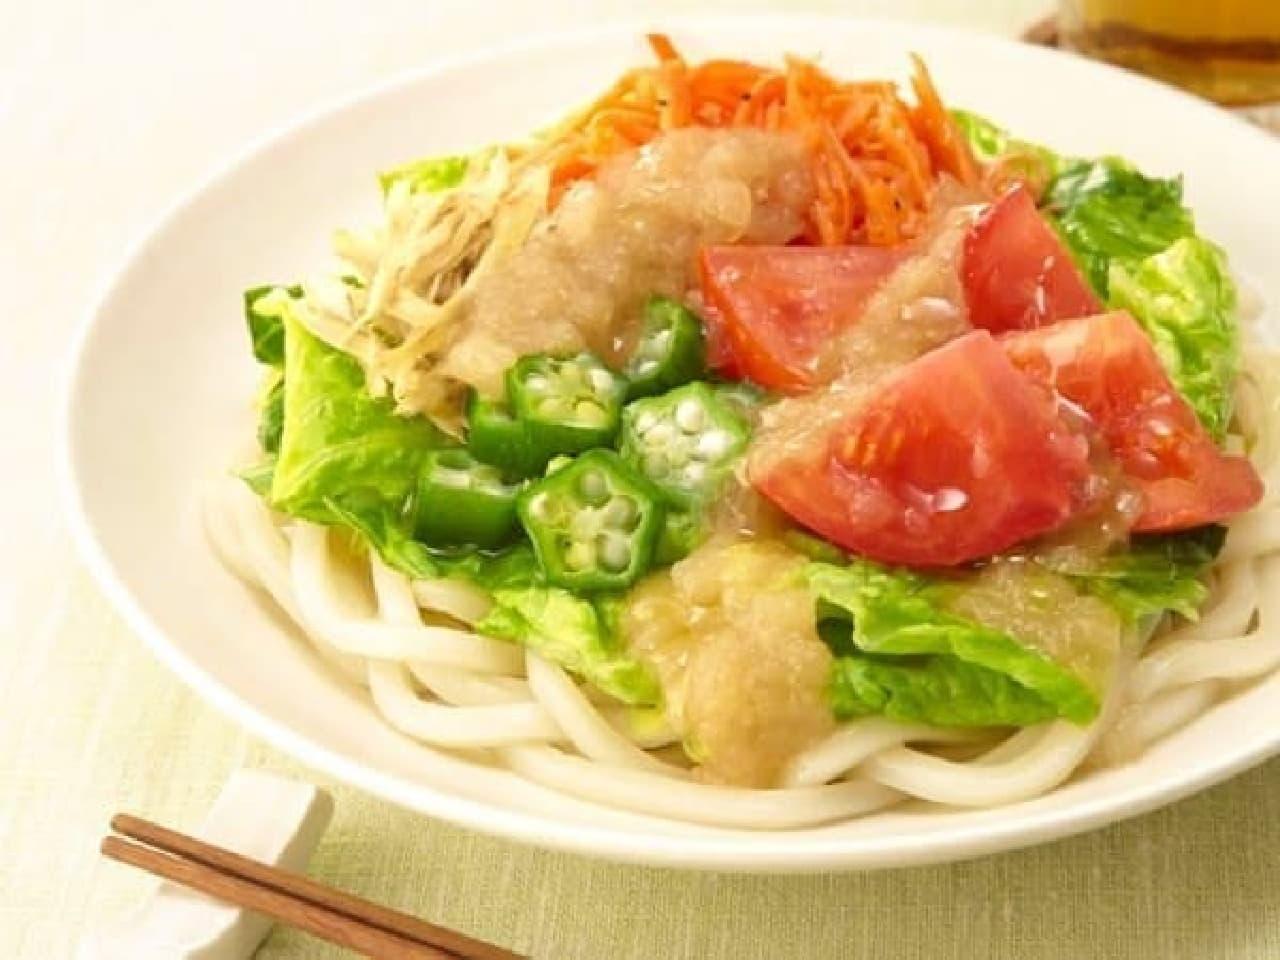 セブン-イレブン「オリーブオイル香る!7種野菜のサラダうどん」